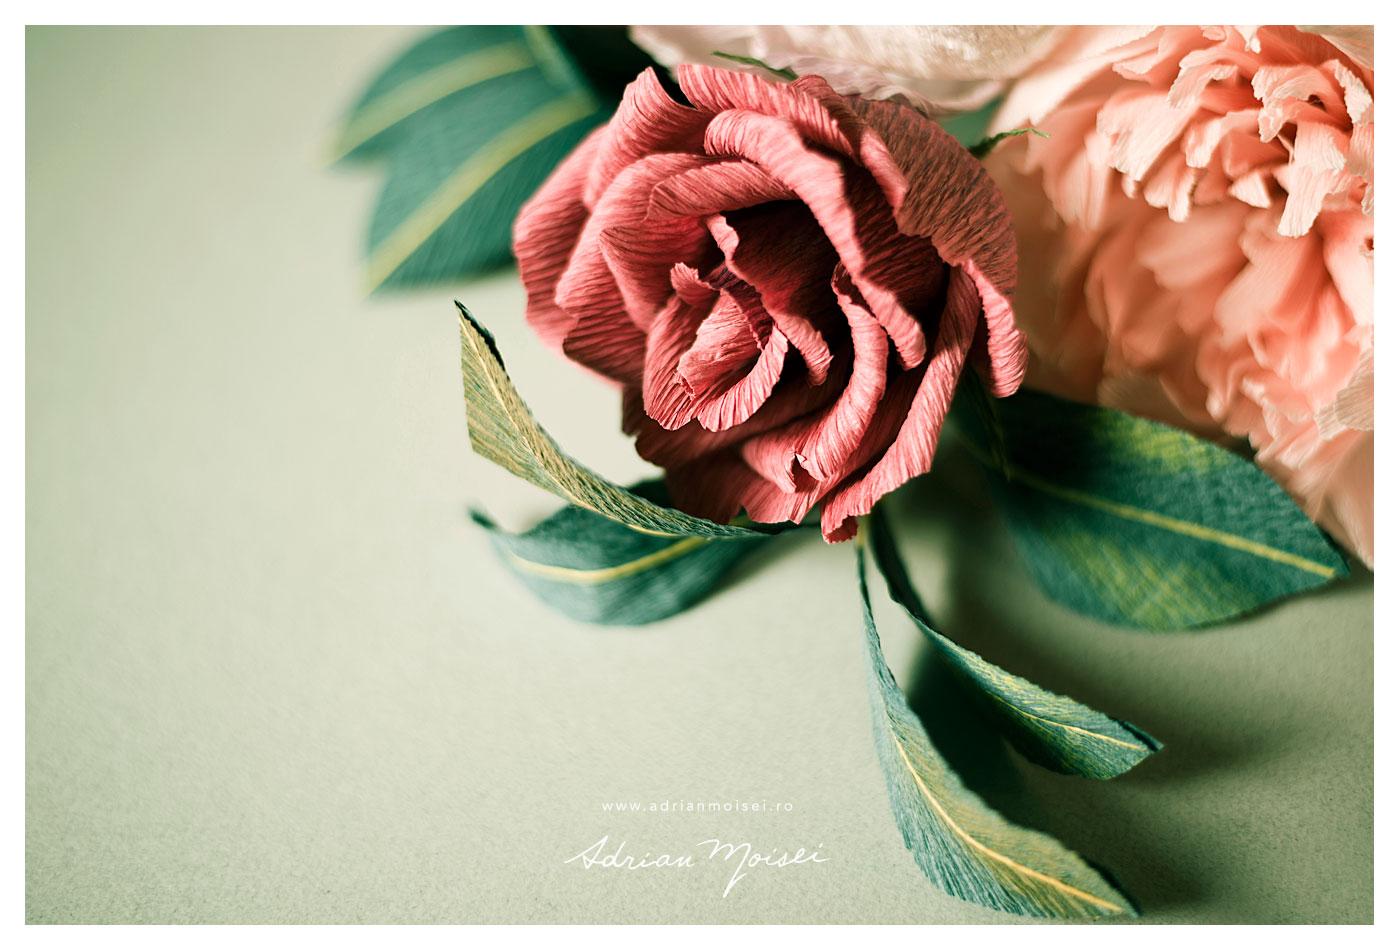 Fotografie de produs Iasi - flori de hartie - Petale de acuarela - foto Adrian Moisei